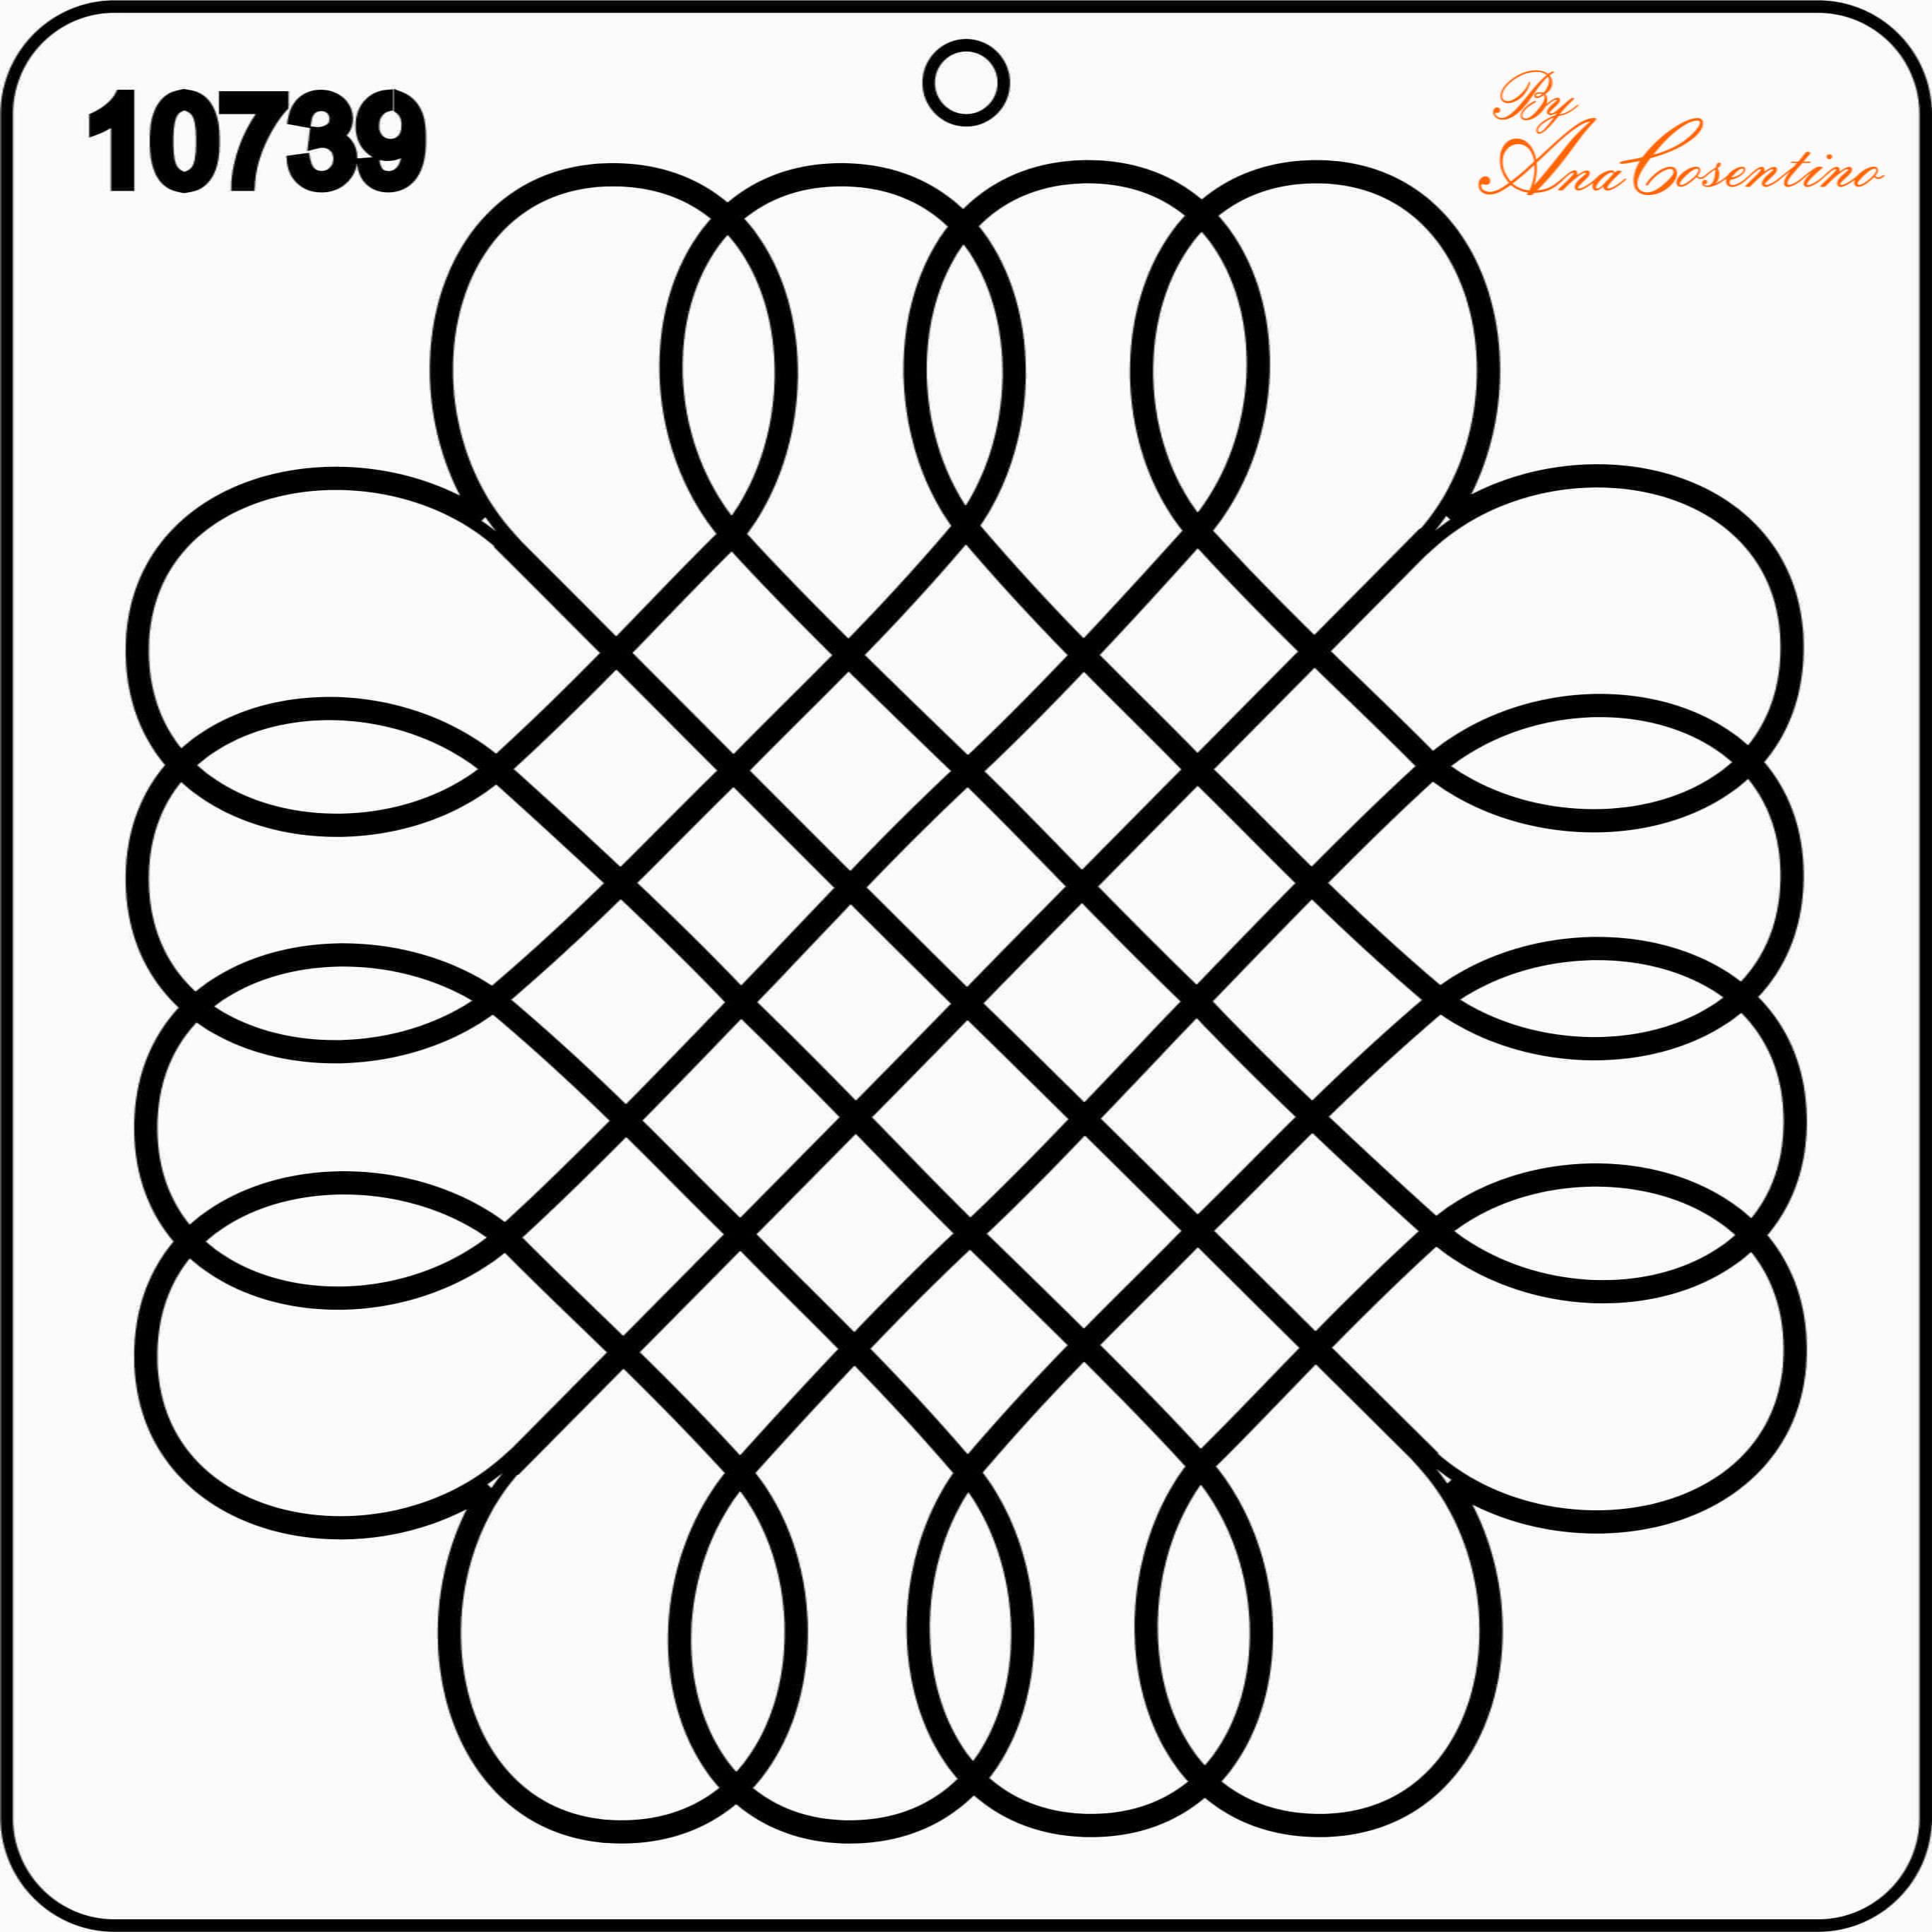 Estêncil de Quilting - 10739